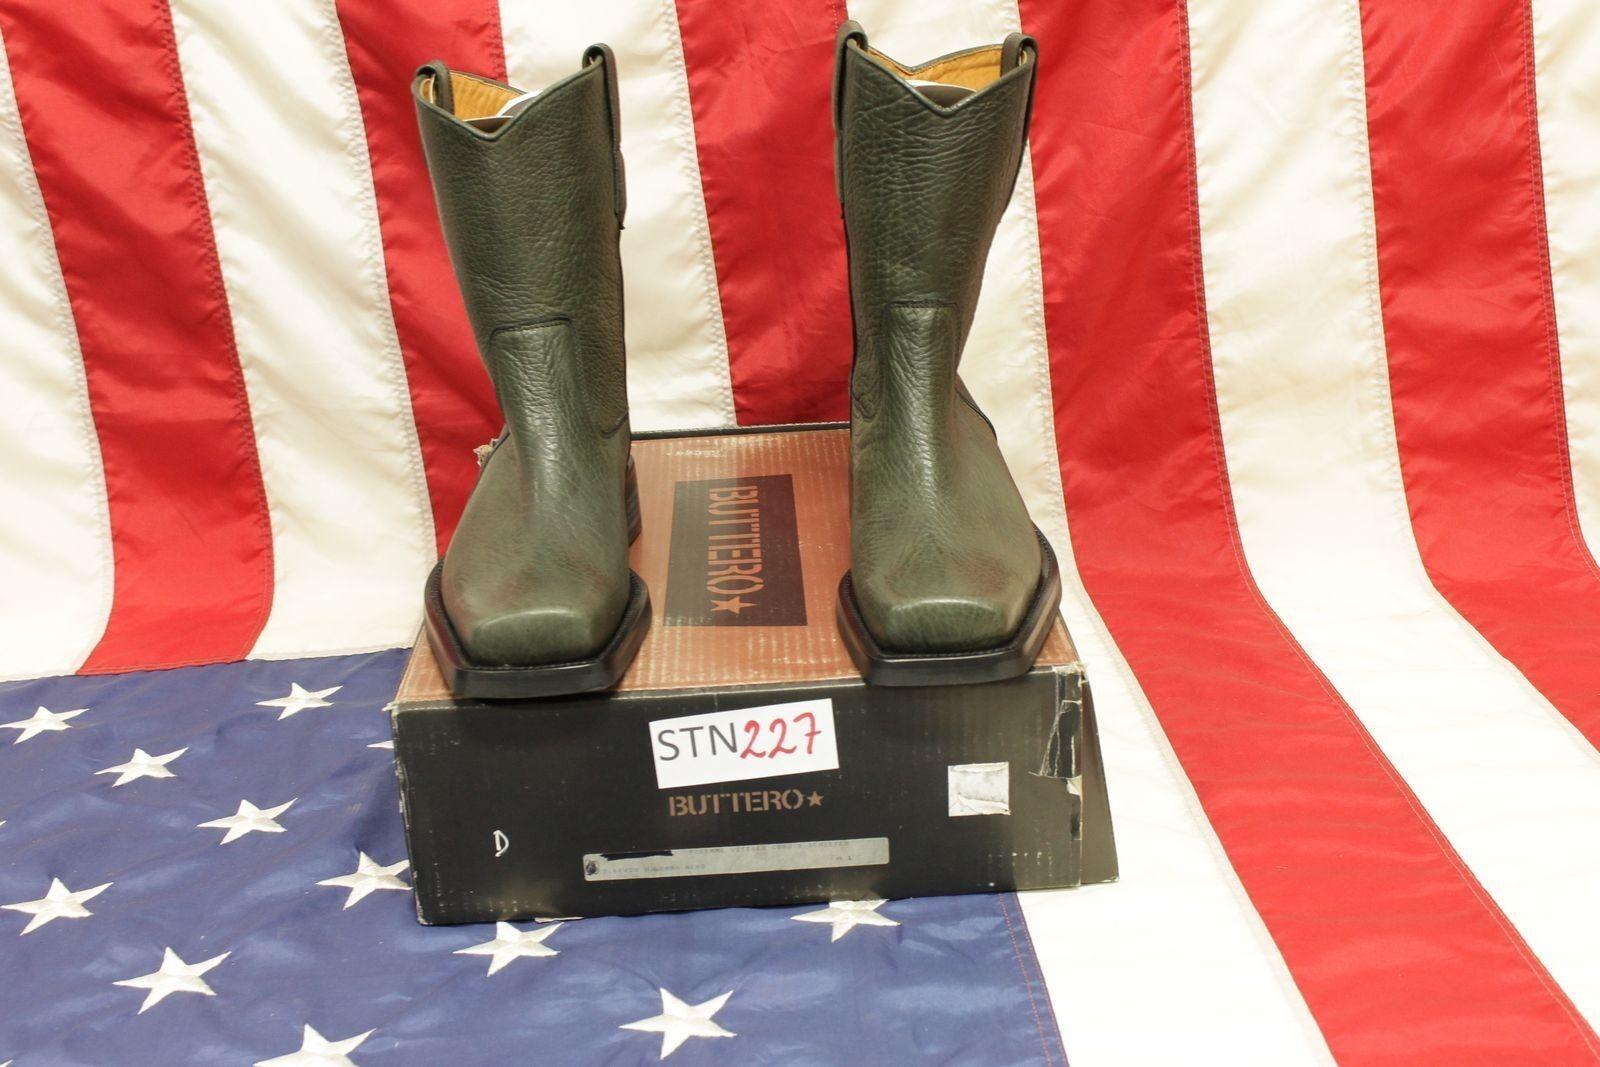 Stiefel Buttero boots n.41 (Cod.STN227) Camperos Cowboy Western Western Cowboy Herren neu a230a8